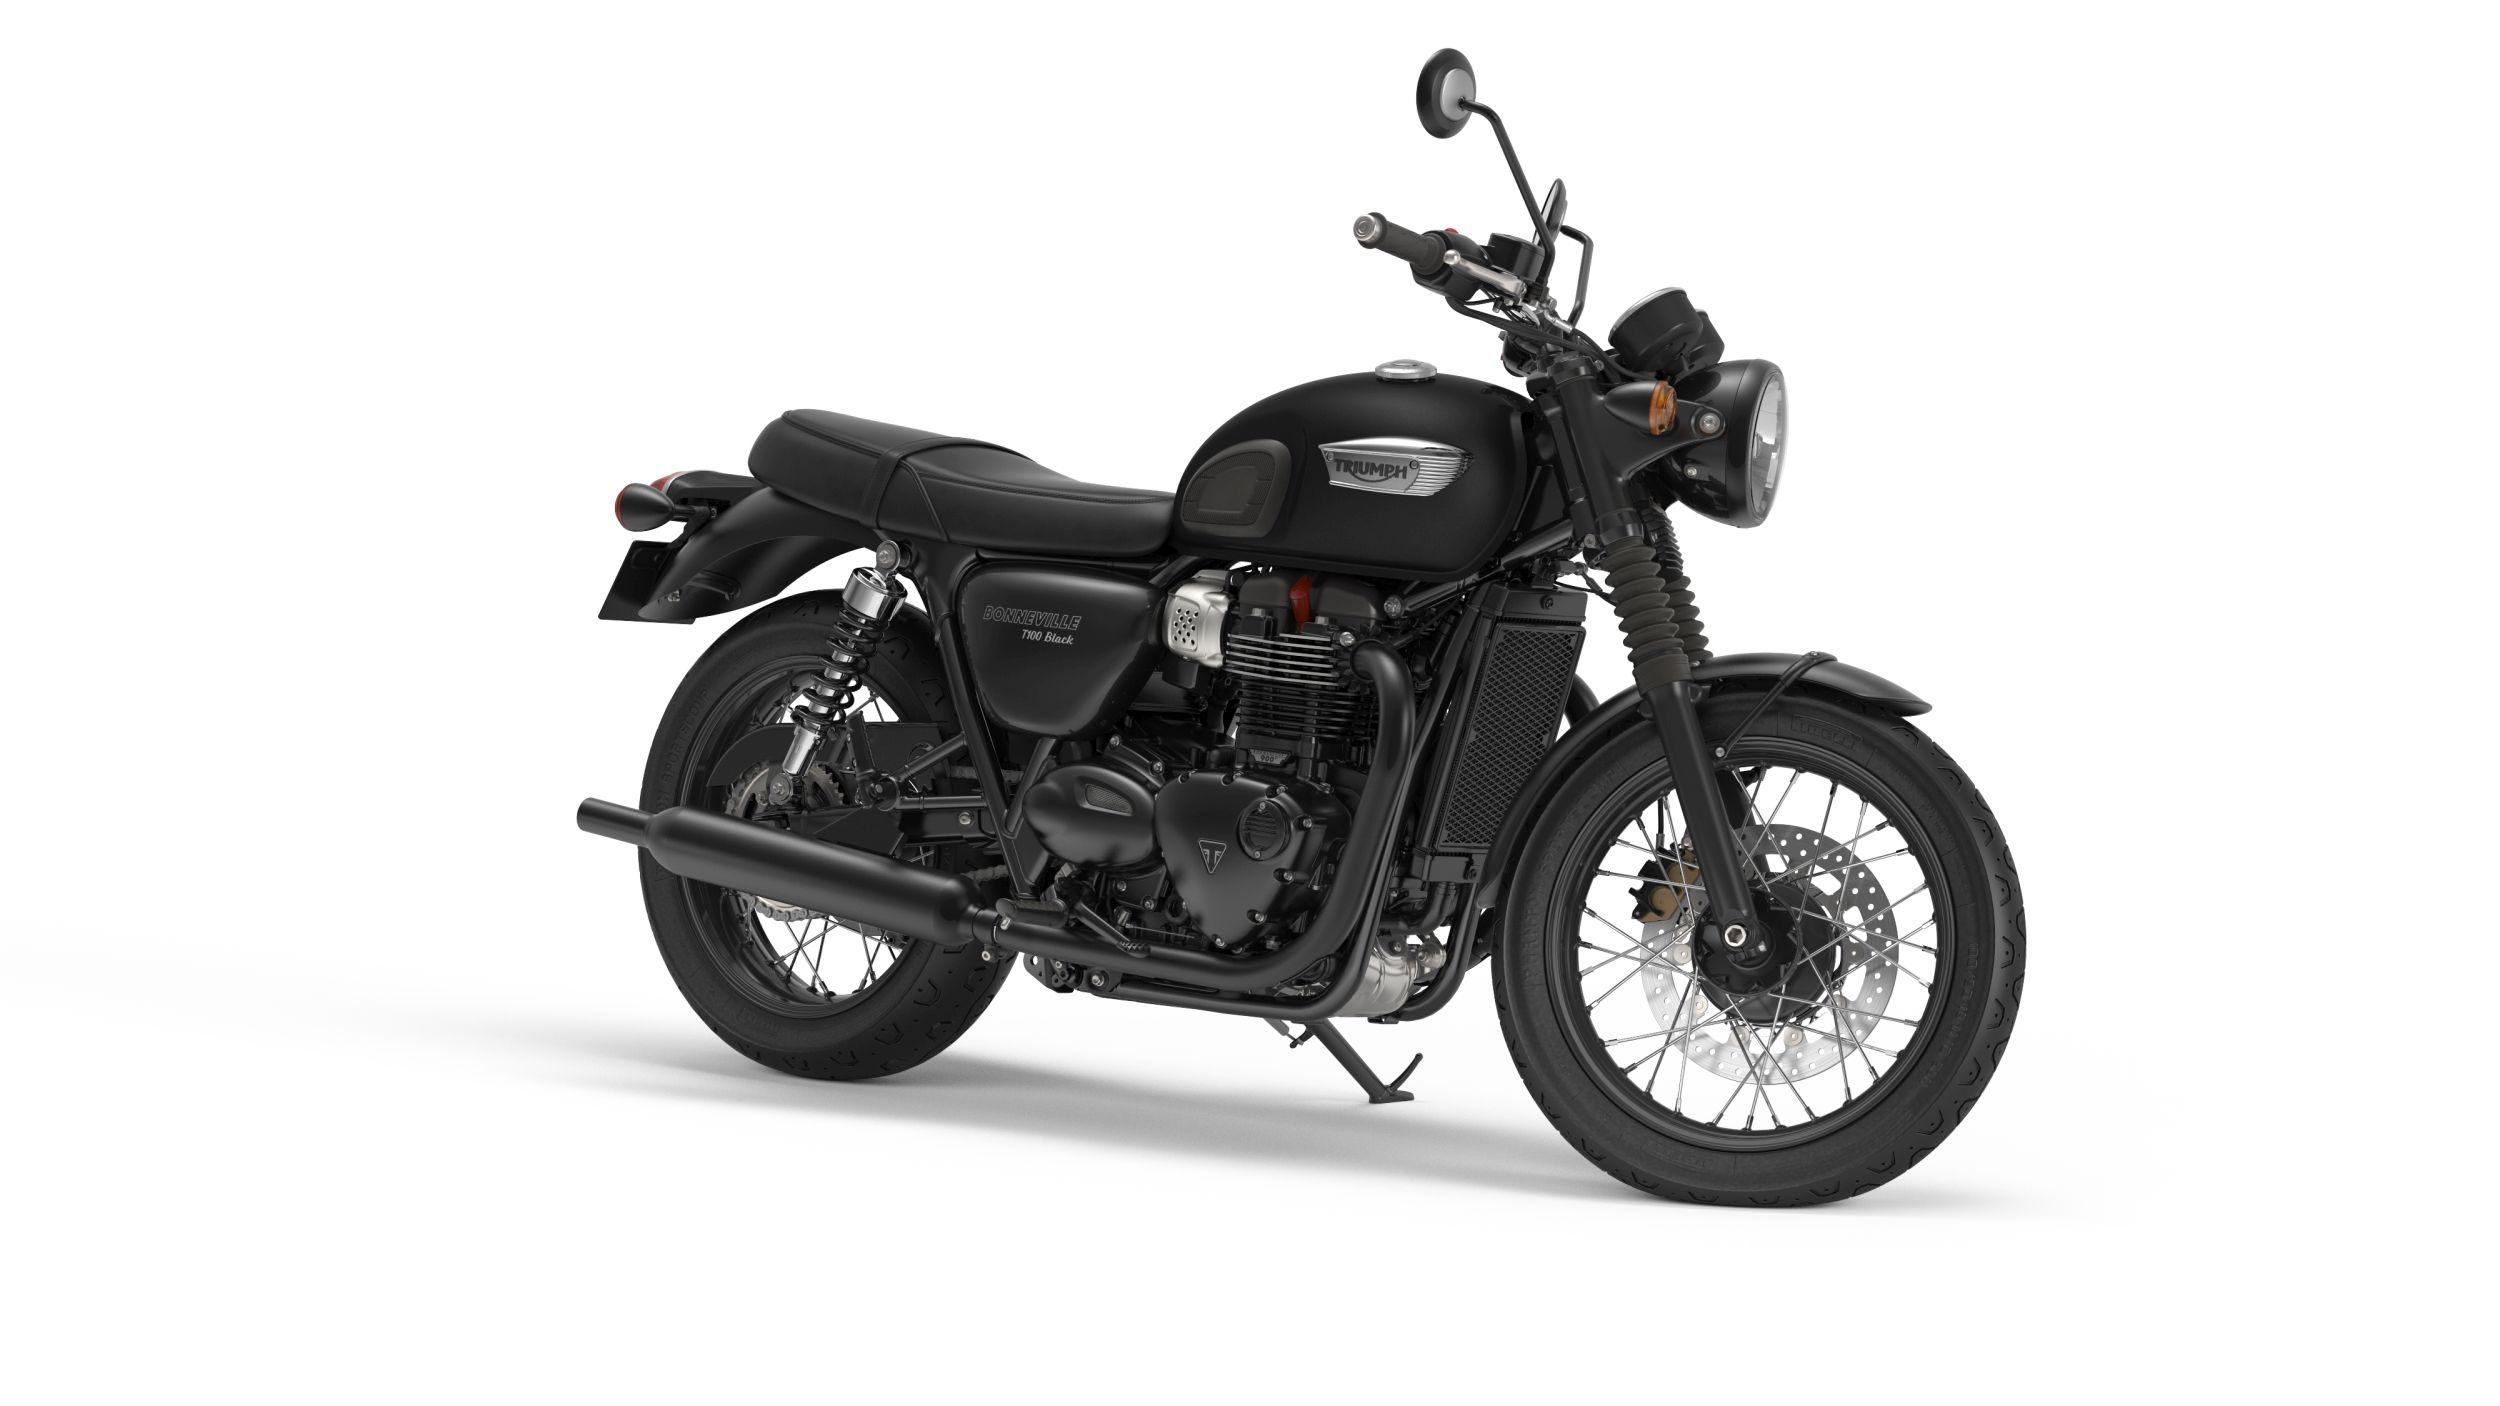 gebrauchte triumph bonneville t100 black motorr der kaufen. Black Bedroom Furniture Sets. Home Design Ideas